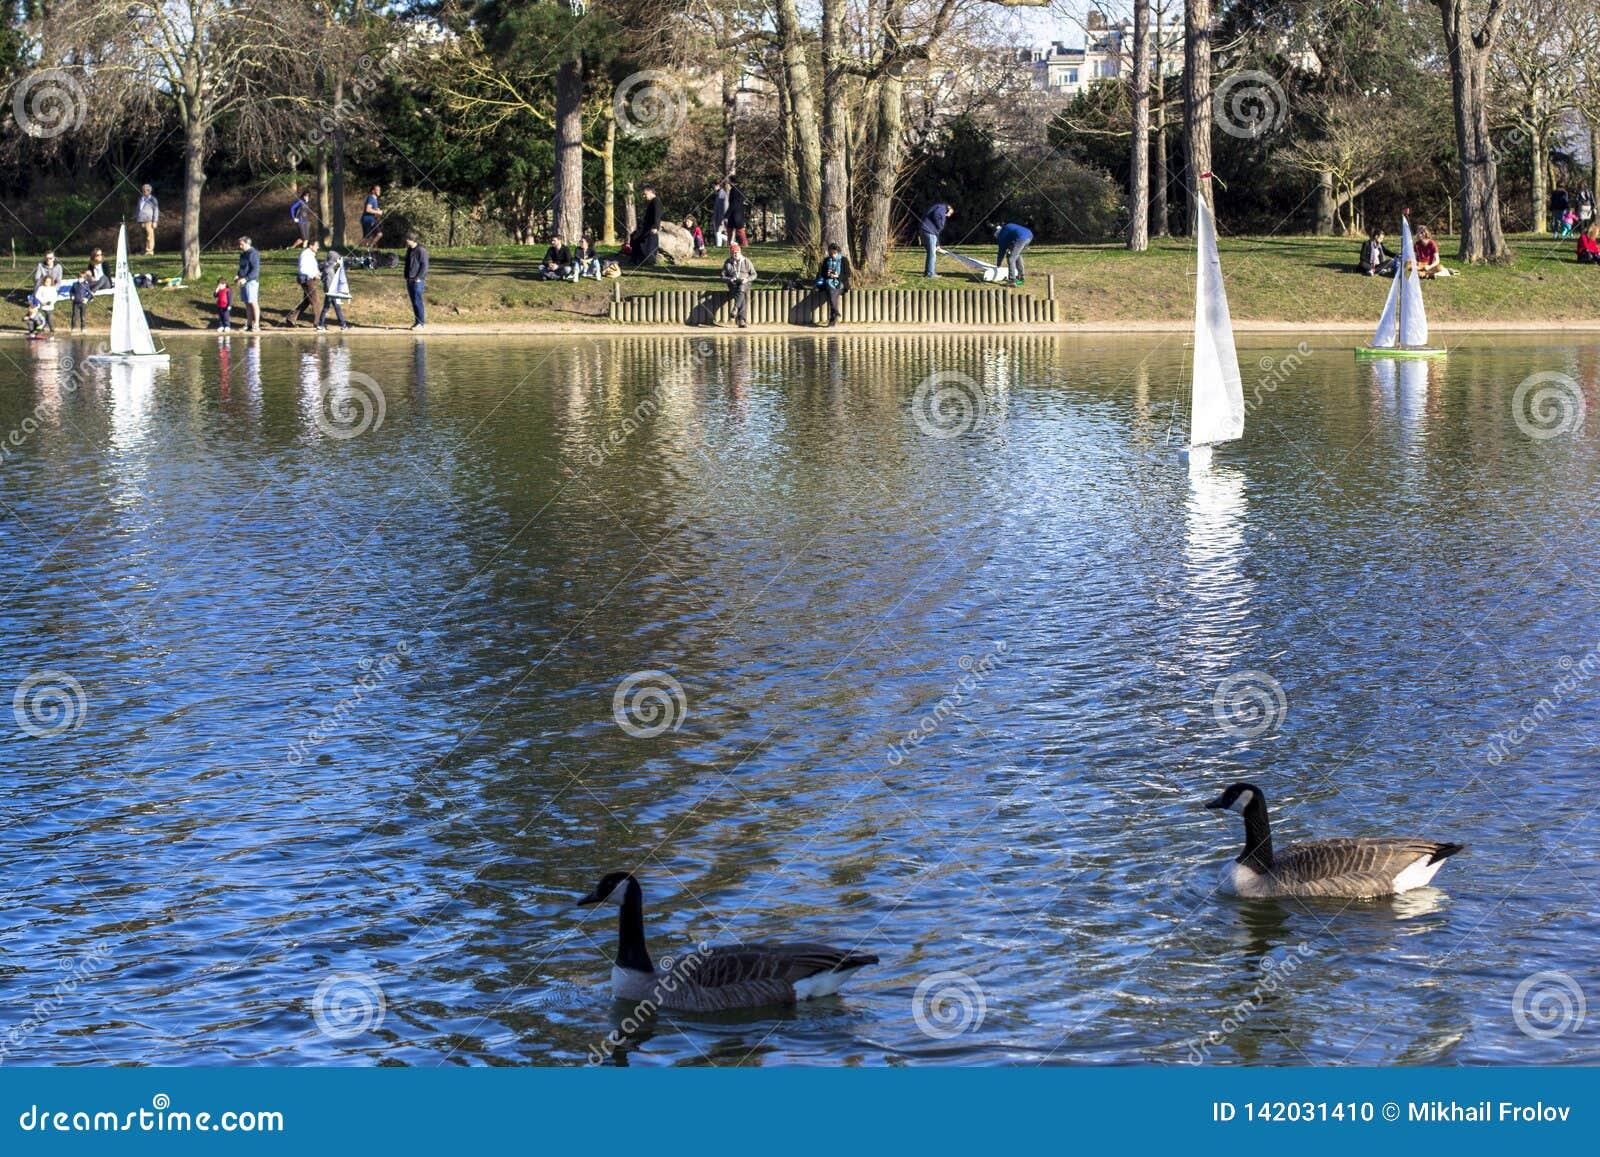 Veleiros modelo em uma lagoa em um parque em Paris Os pássaros voam, pais andam com crianças, gansos em uma lagoa